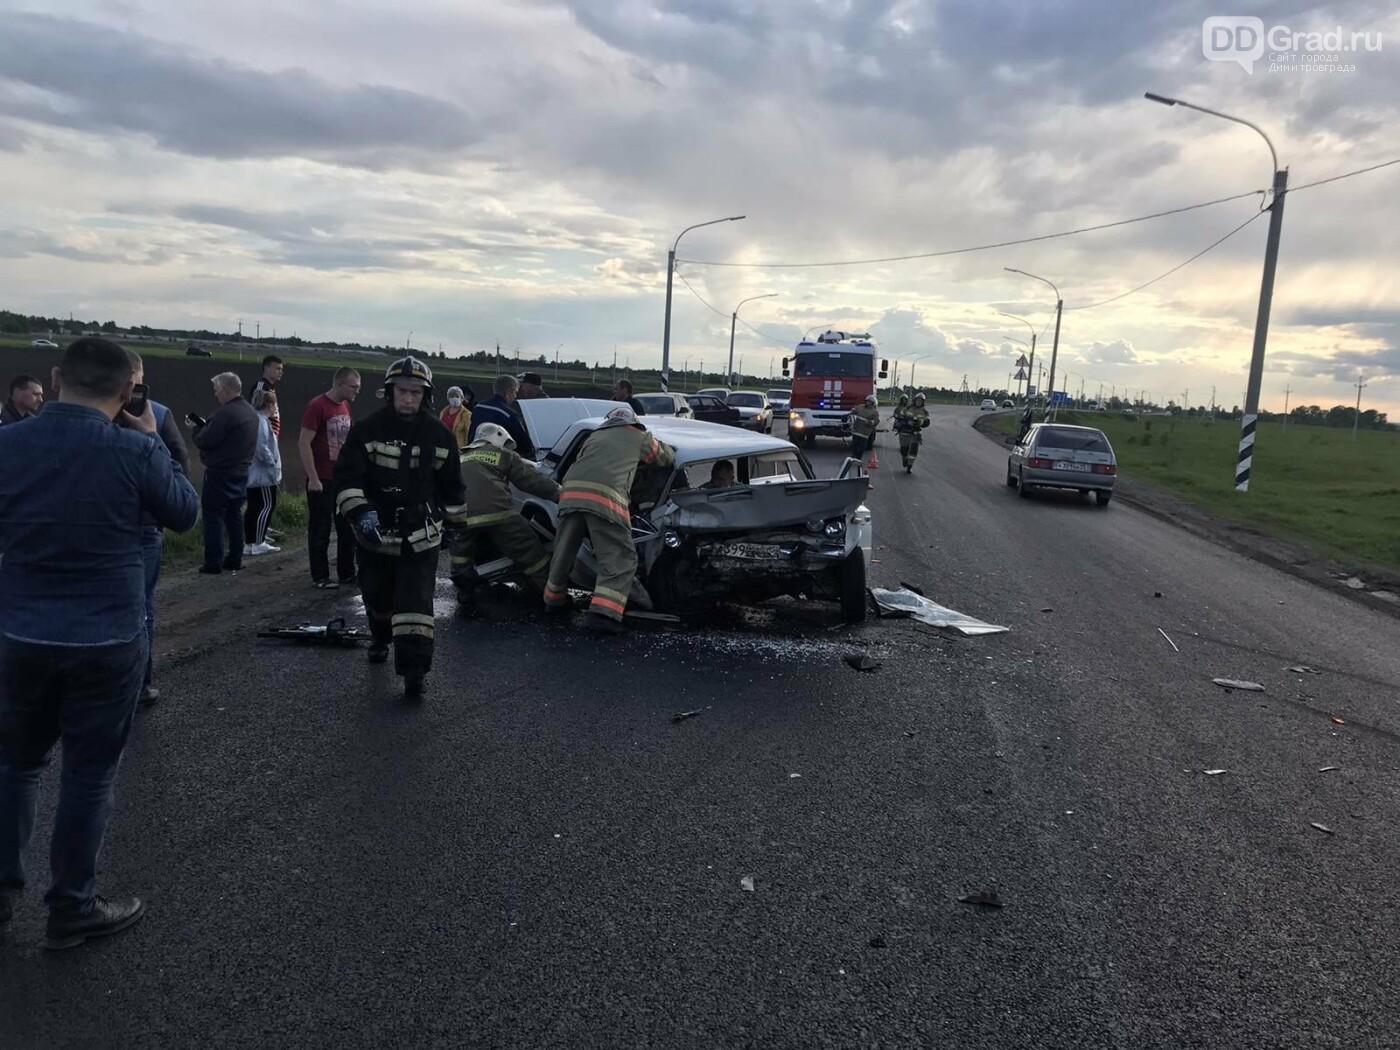 За выходные в Мелекесском районе случилось три ДТП, фото-5, ПЧ-3